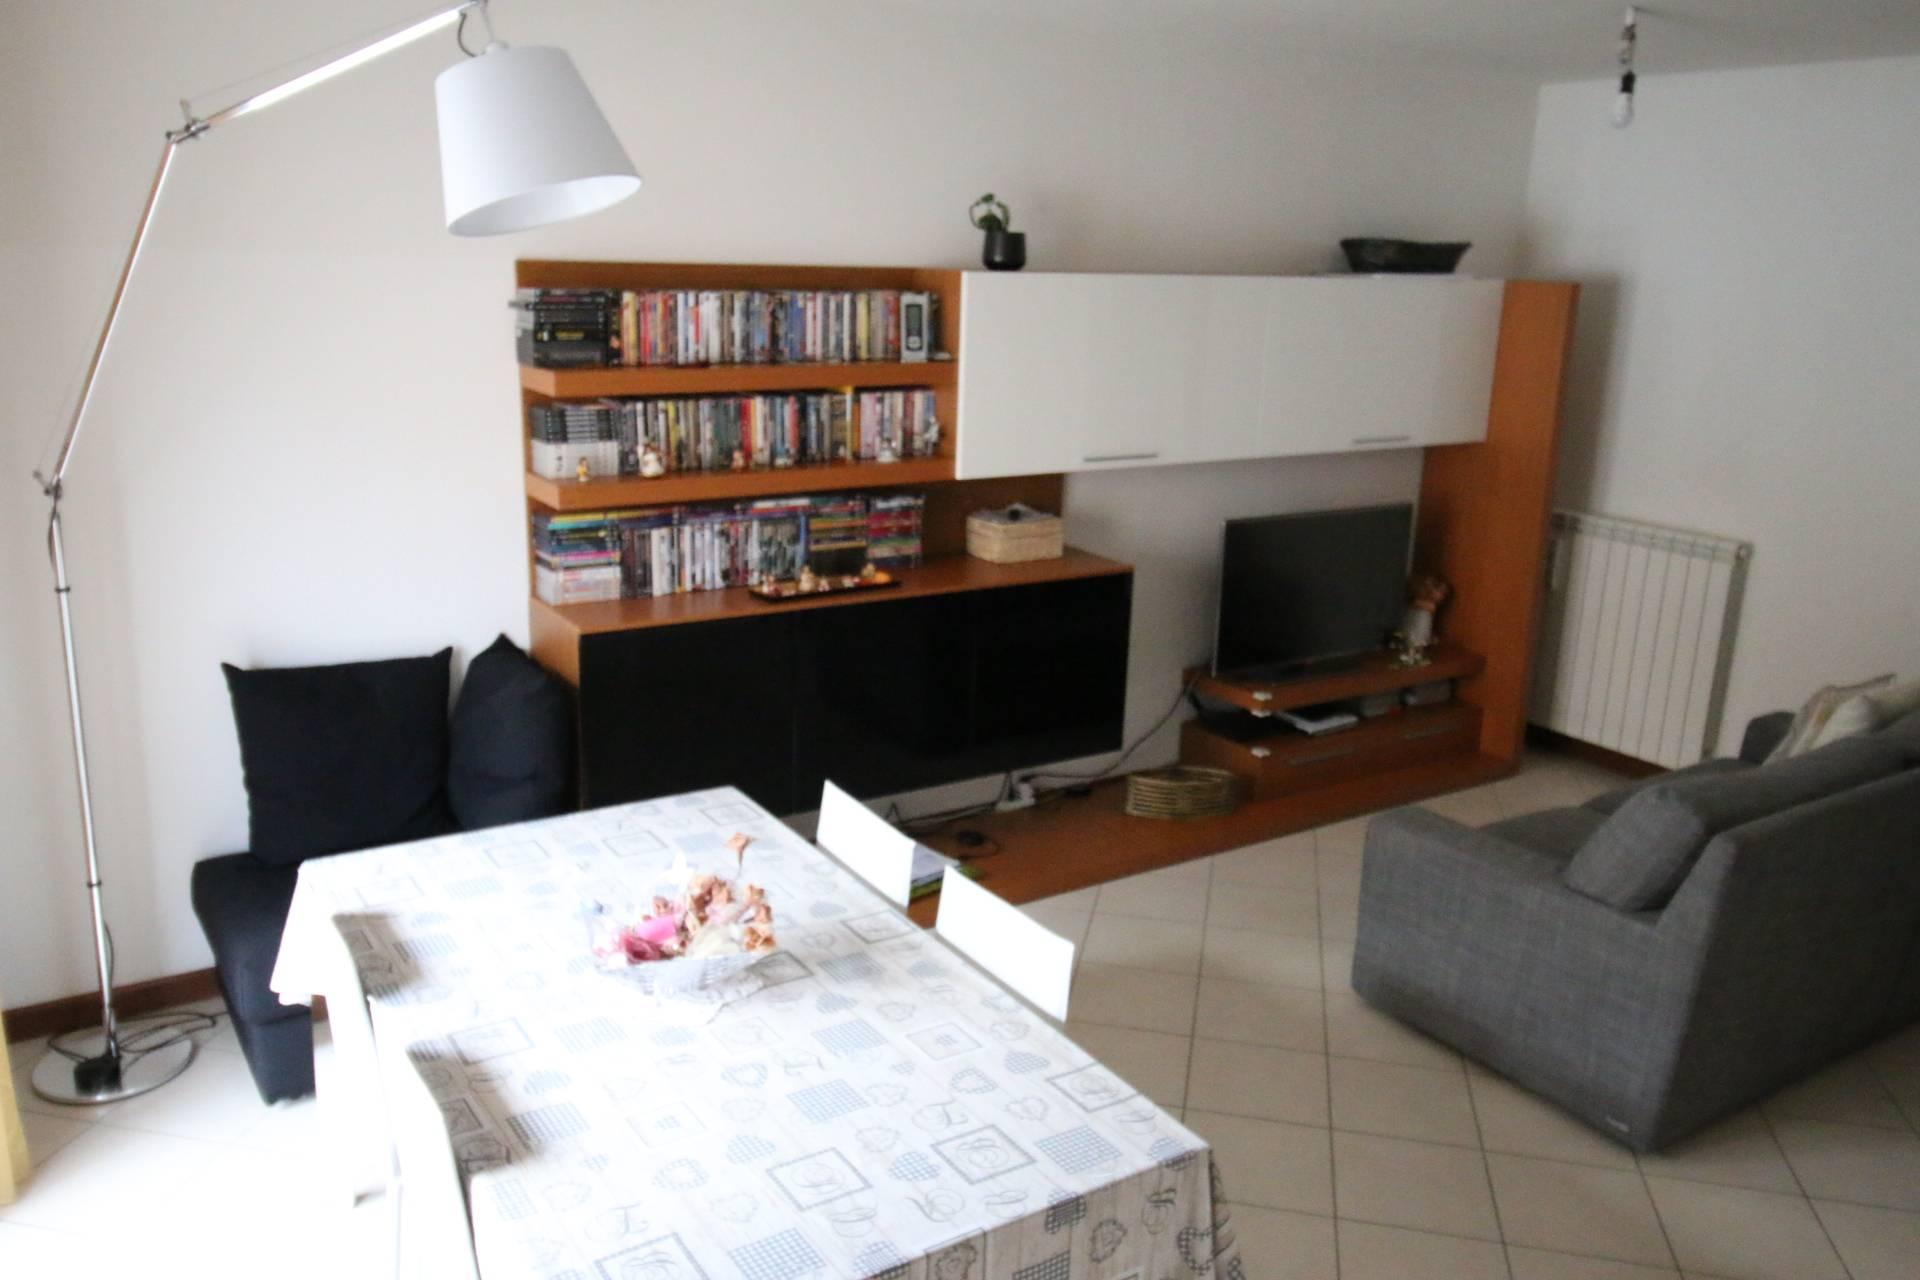 Appartamento in vendita a Gorizia, 6 locali, prezzo € 112.000   CambioCasa.it